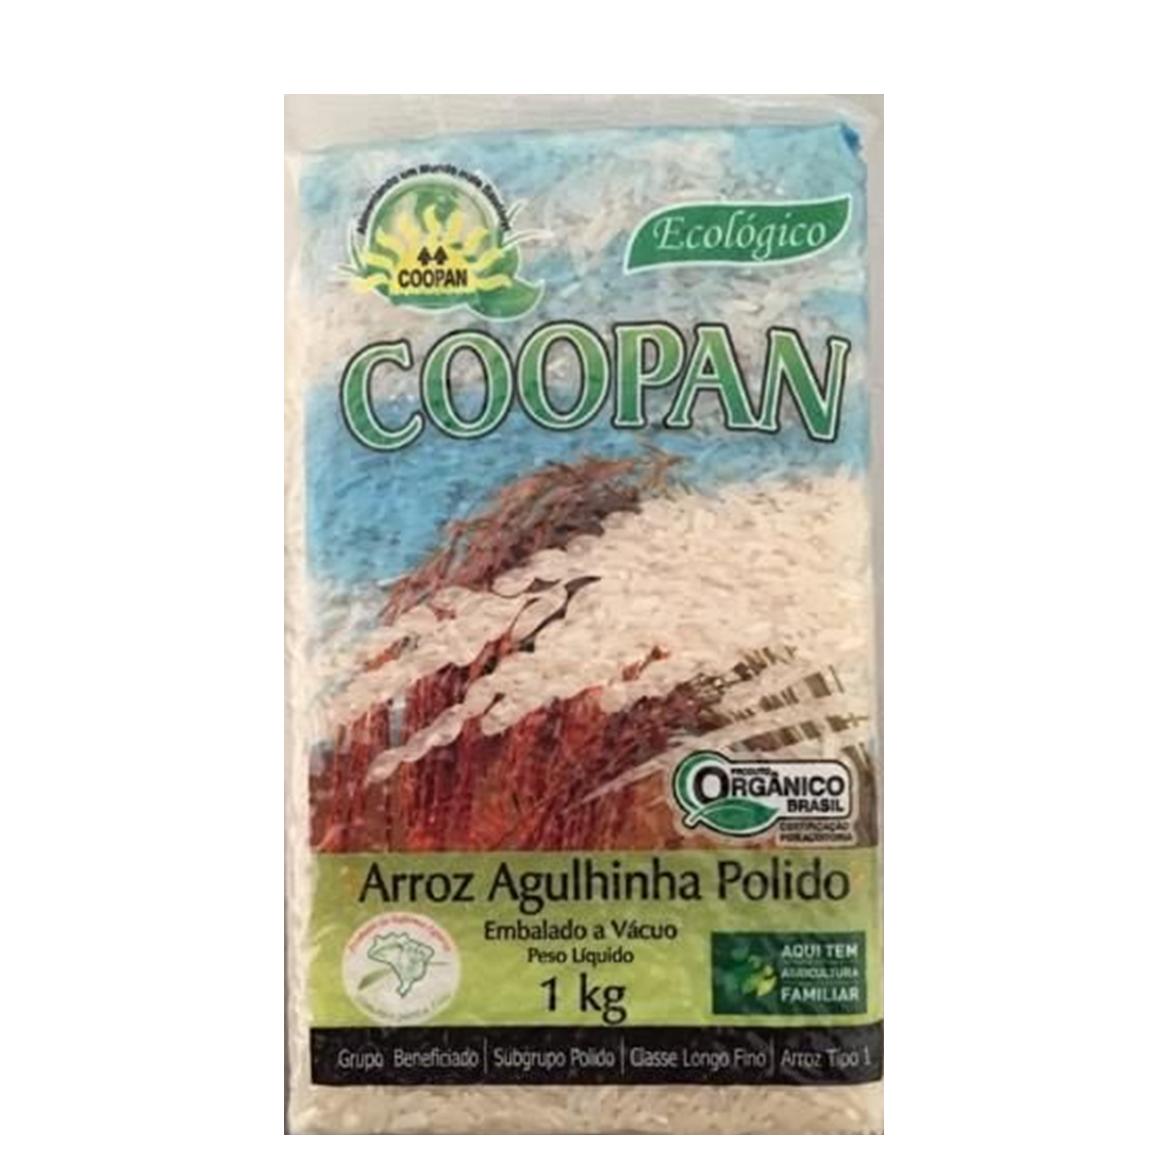 Arroz Agulhinha Polido (1Kg) – Coopan